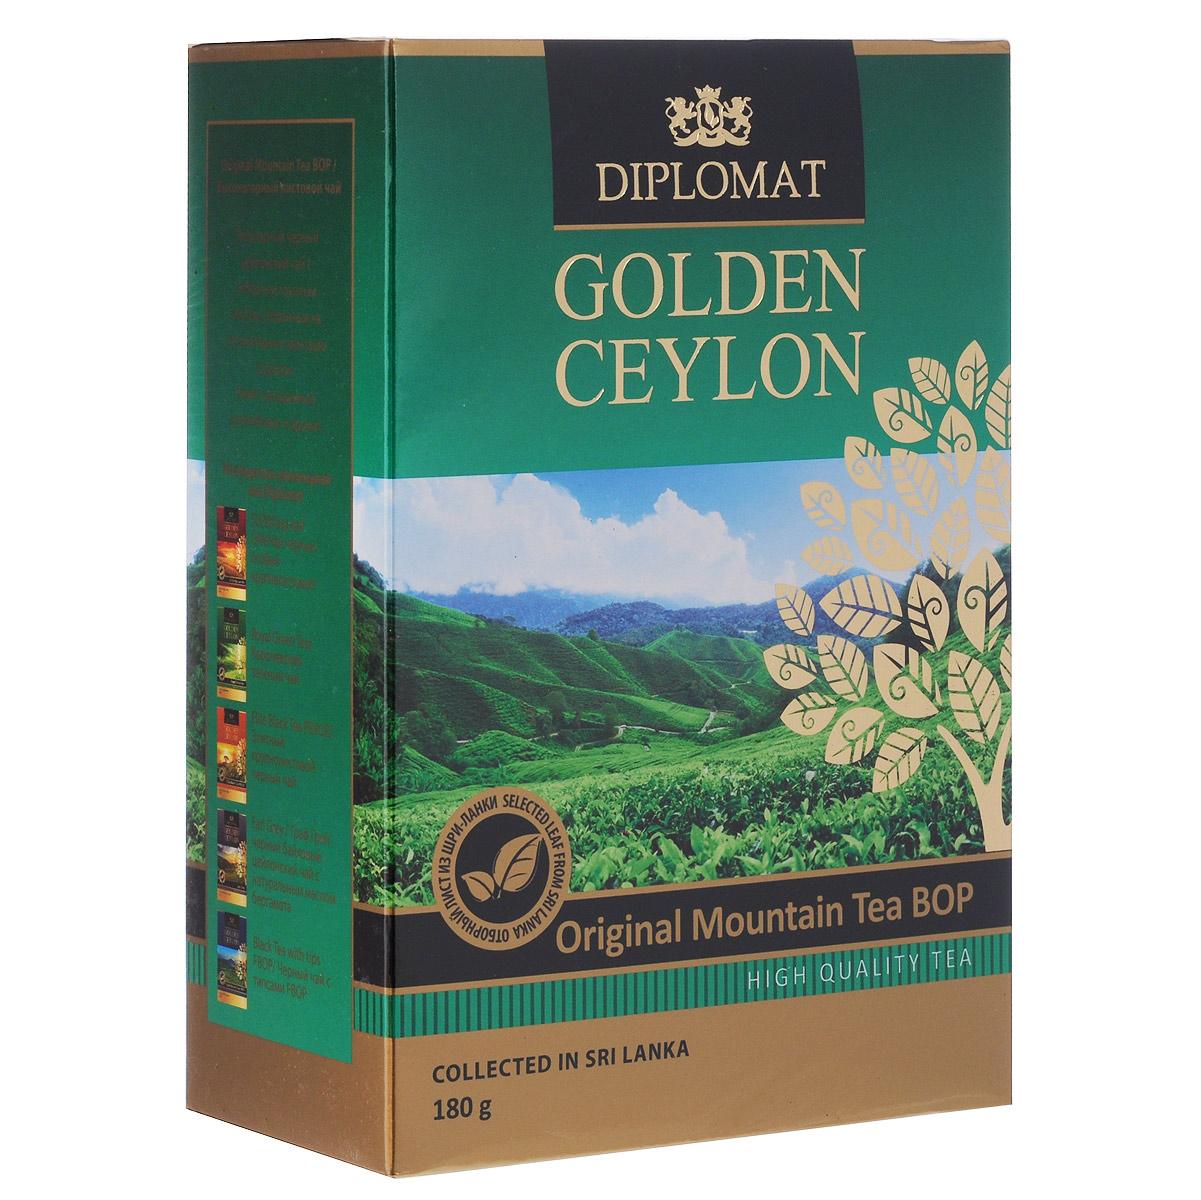 Diplomat Original Mountain Tea BOP черный листовой чай, 180 г0120710Популярный черный цейлонский чай Diplomat Original Mountain Tea BOP с отборным ломаным листом, собранным на высокогорных плантациях о.Цейлон. Имеет насыщенный крепкий вкус и аромат.